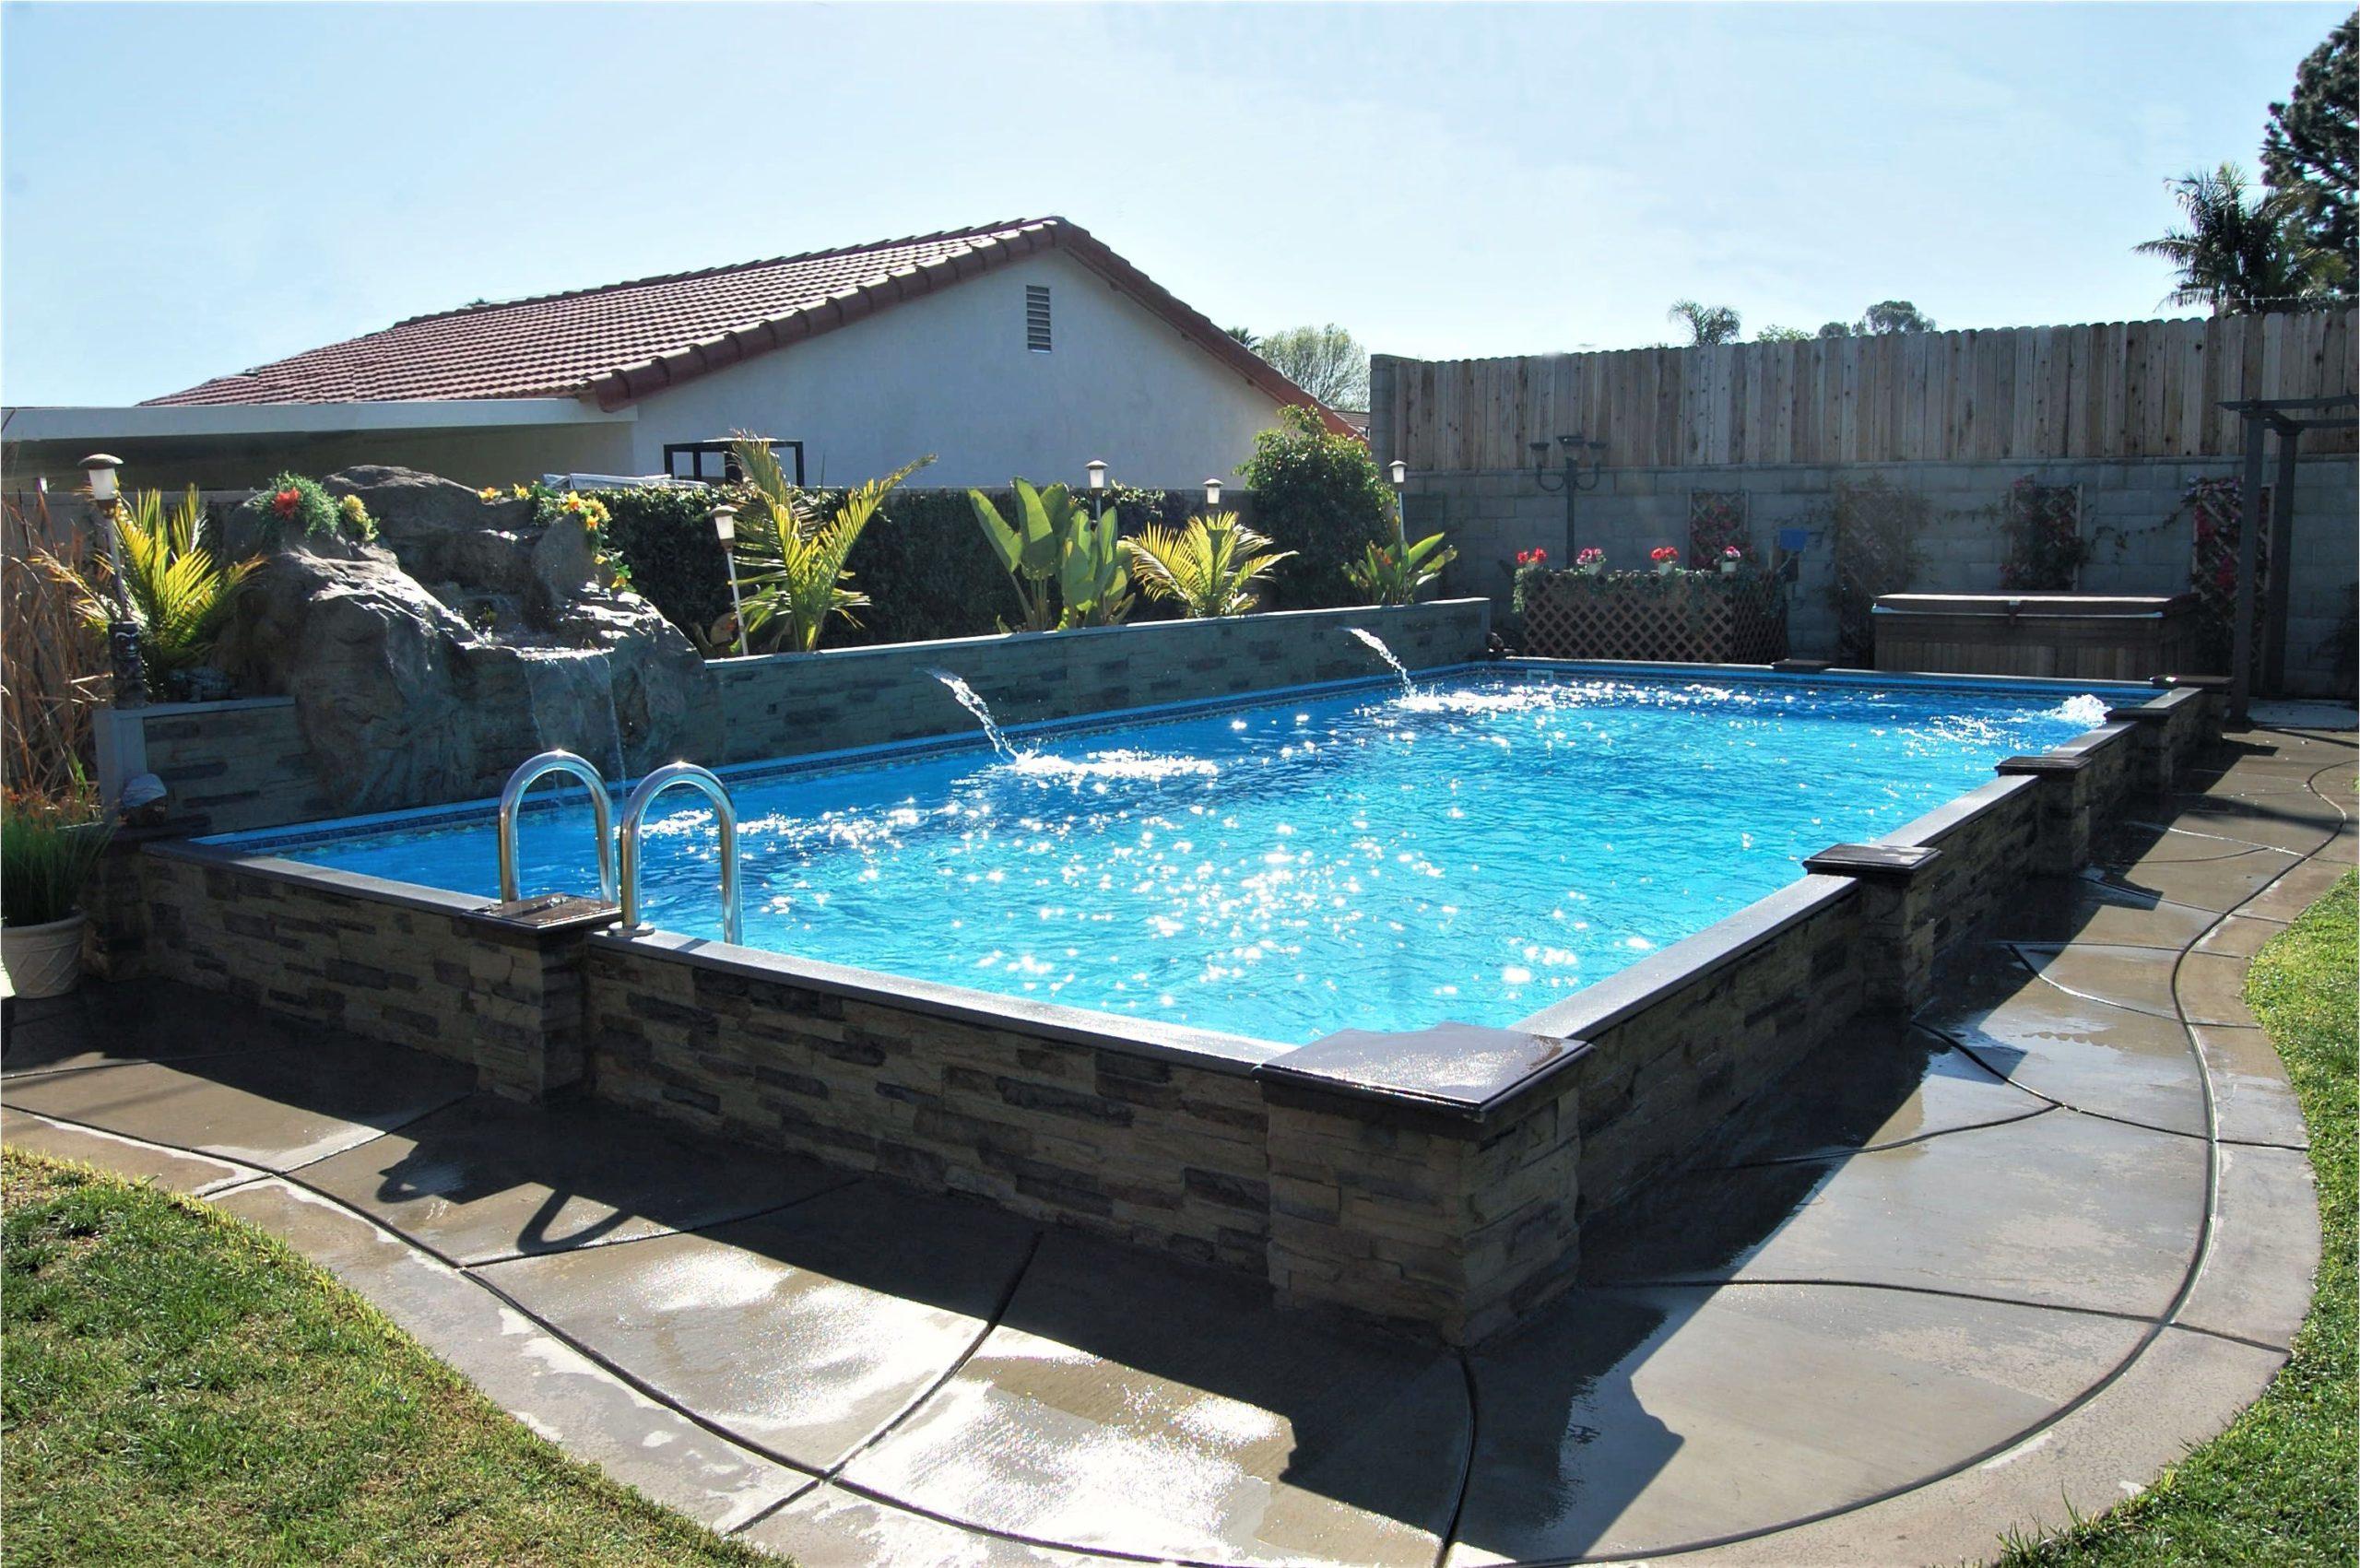 99/5000 Pour ajouter une piscine à votre jardin, il existe un nombre surprenant d'options.